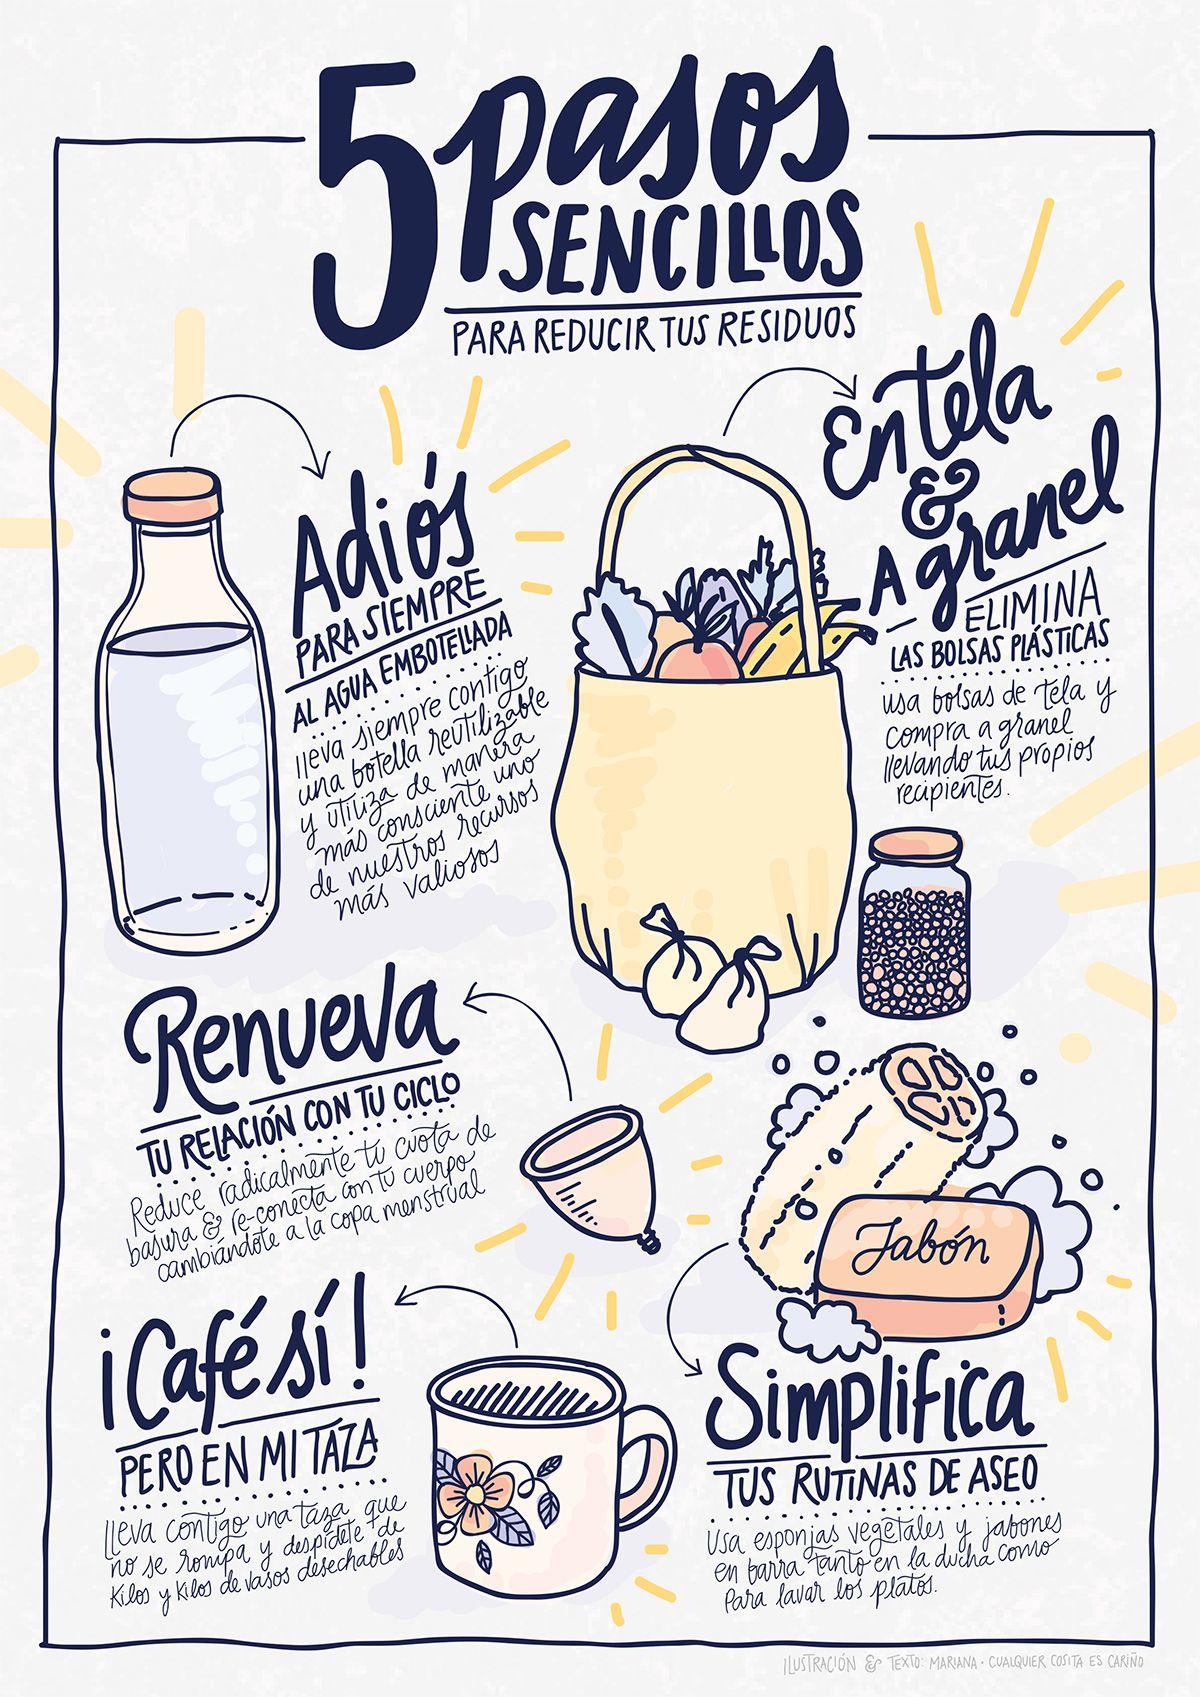 5 Pasos Sencillos Para Reducir Tus Residuos 5 Simple Steps To